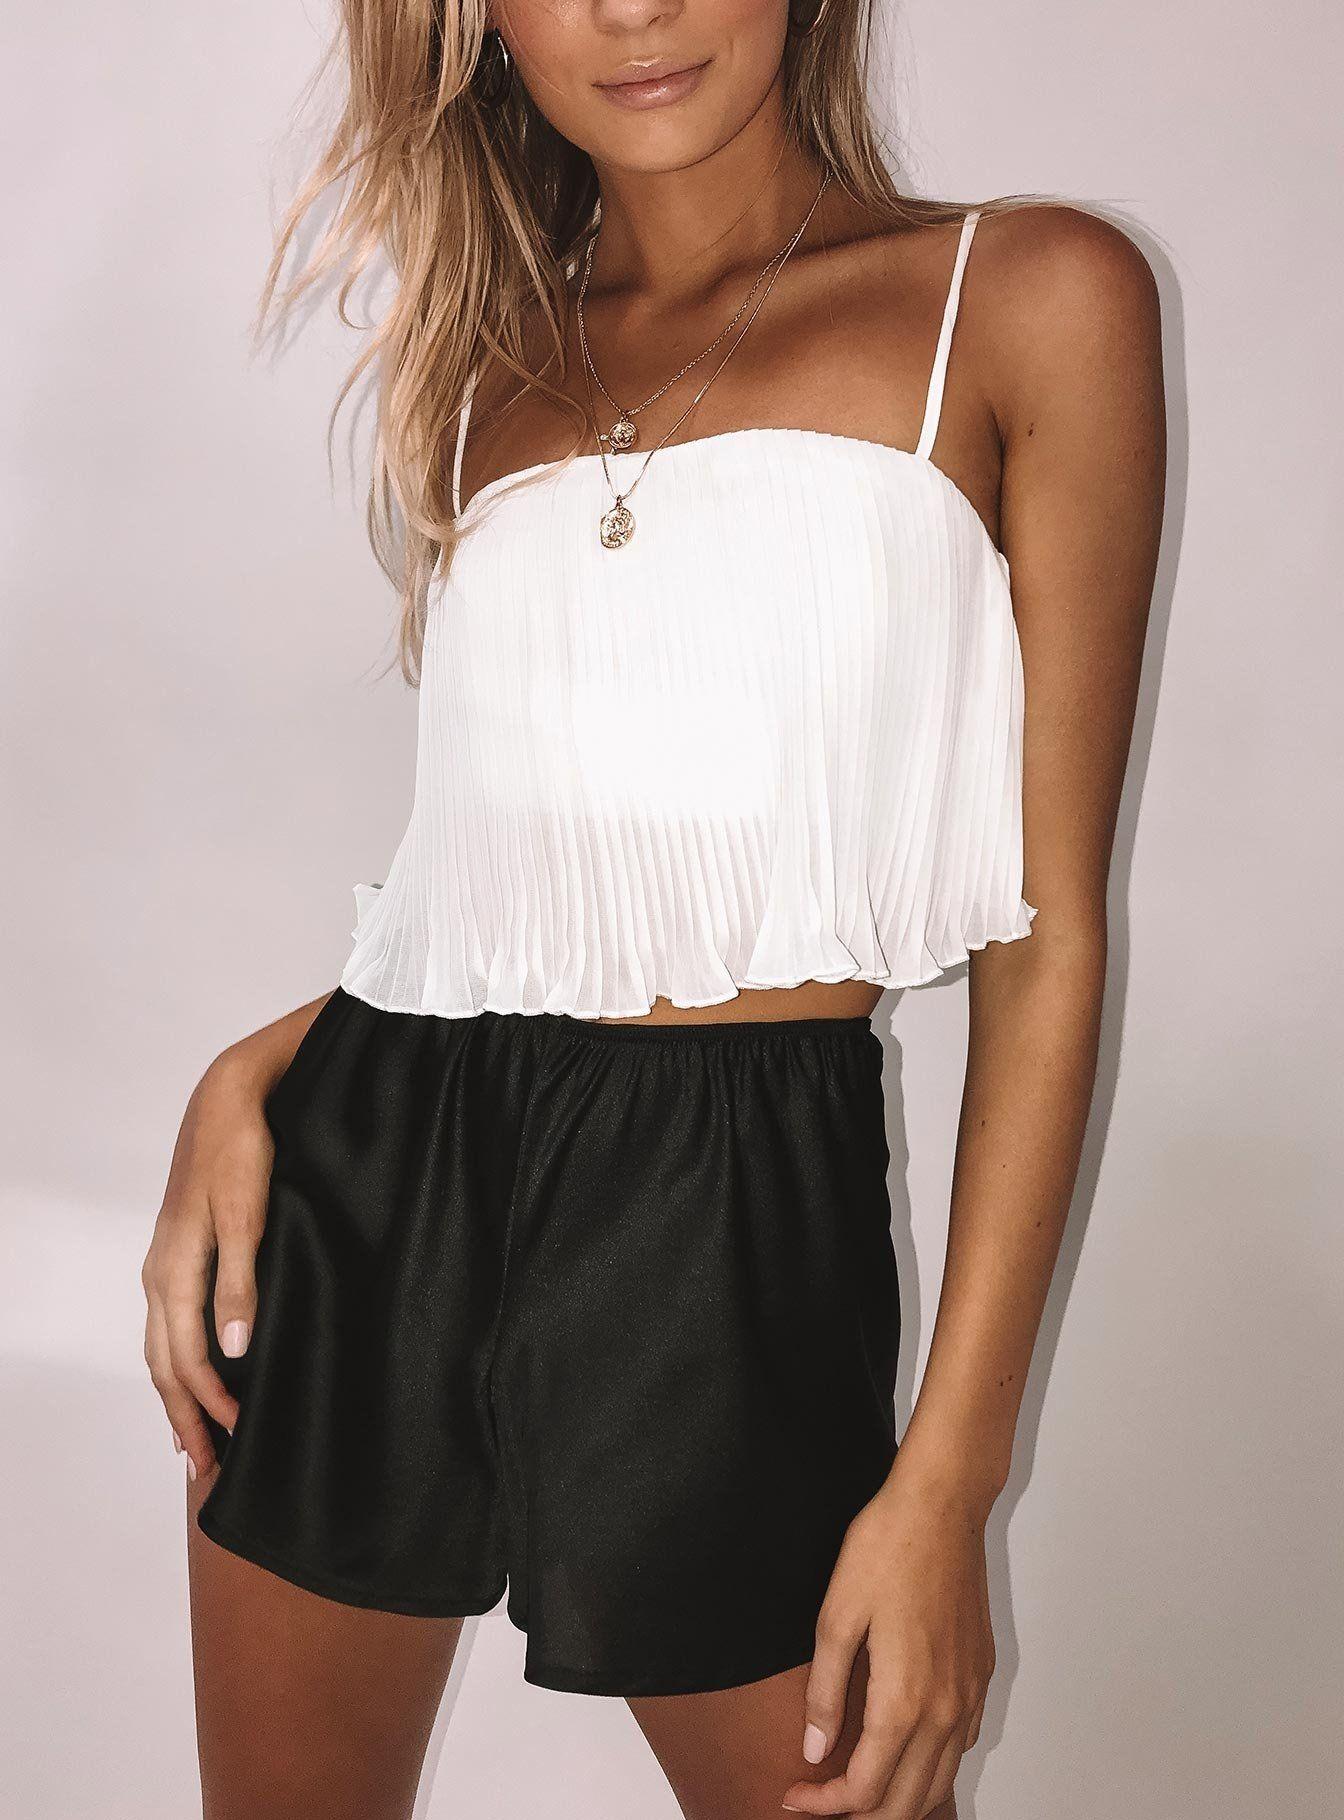 Arrowhead Top White US 4 / White Fashion, Cheap womens